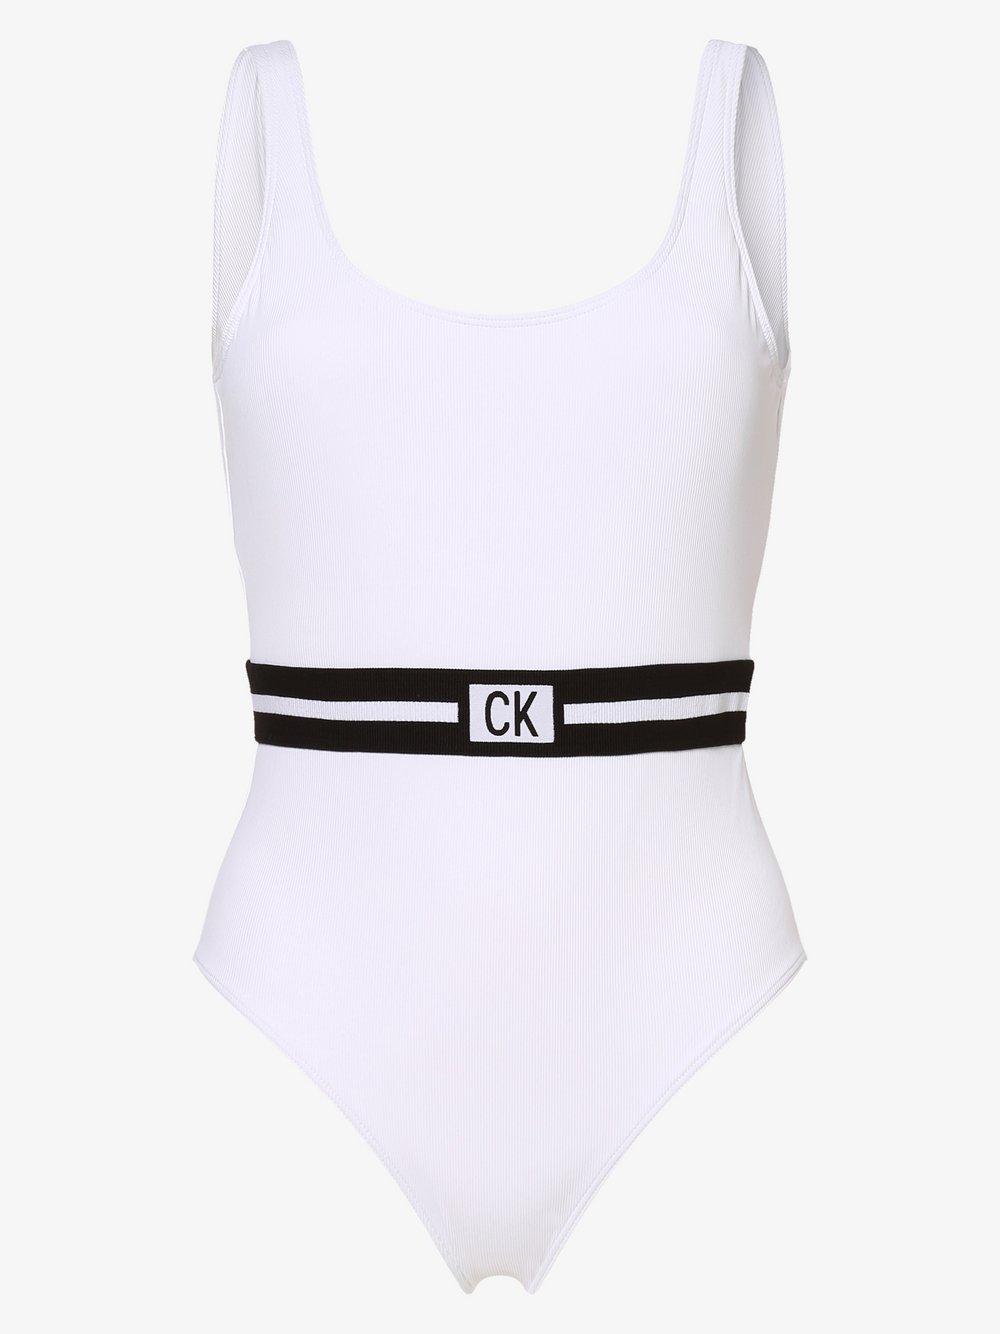 Calvin Klein - Damski strój kąpielowy, biały